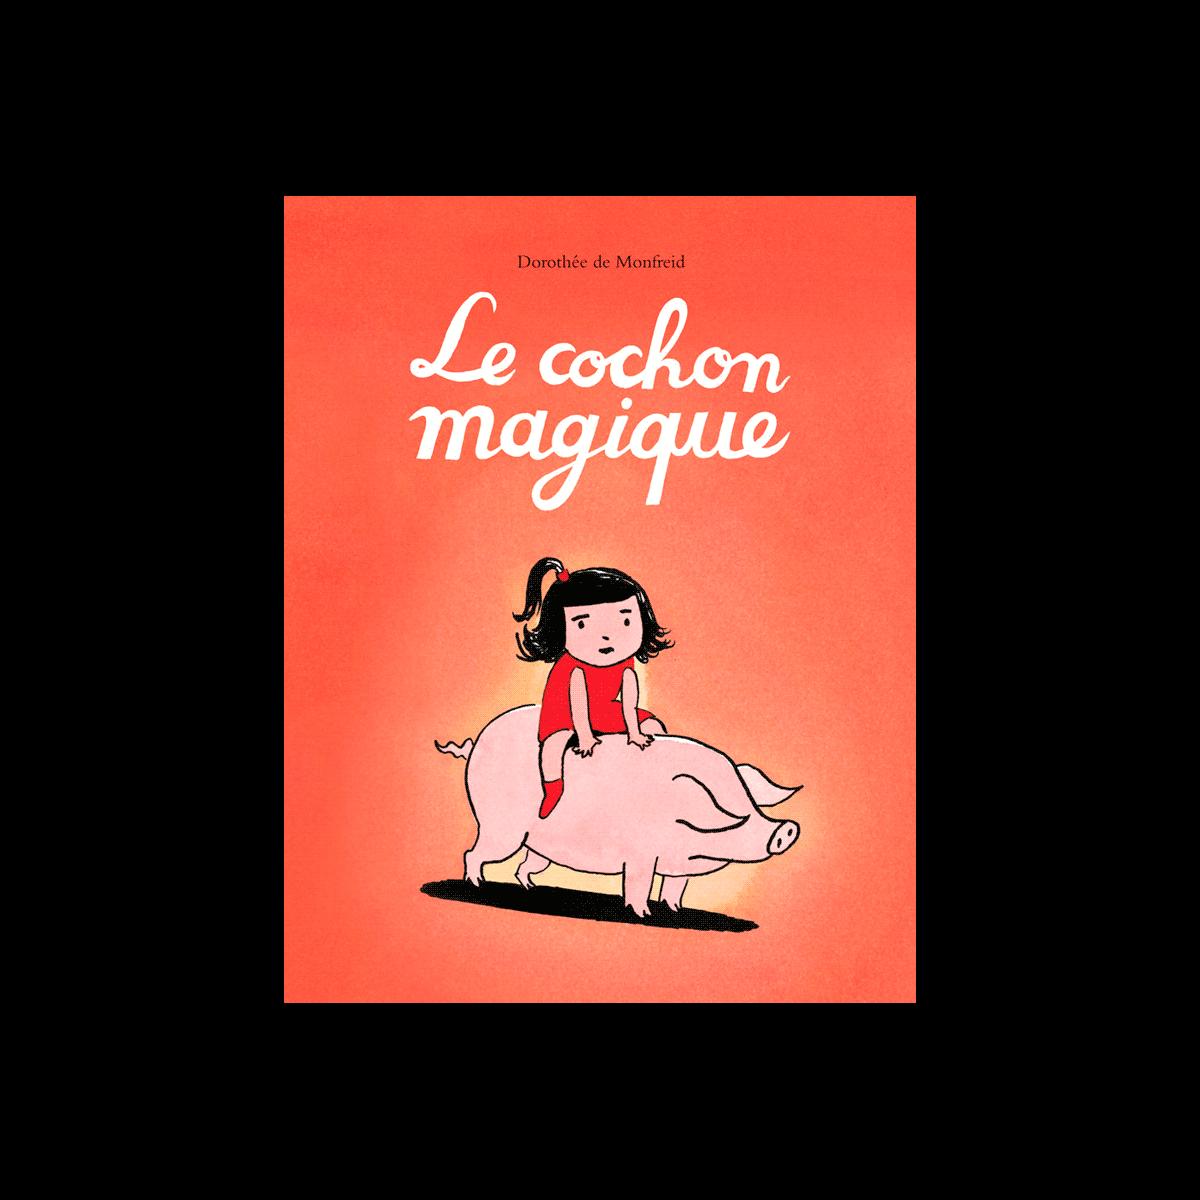 le-cochon-magique-couv2